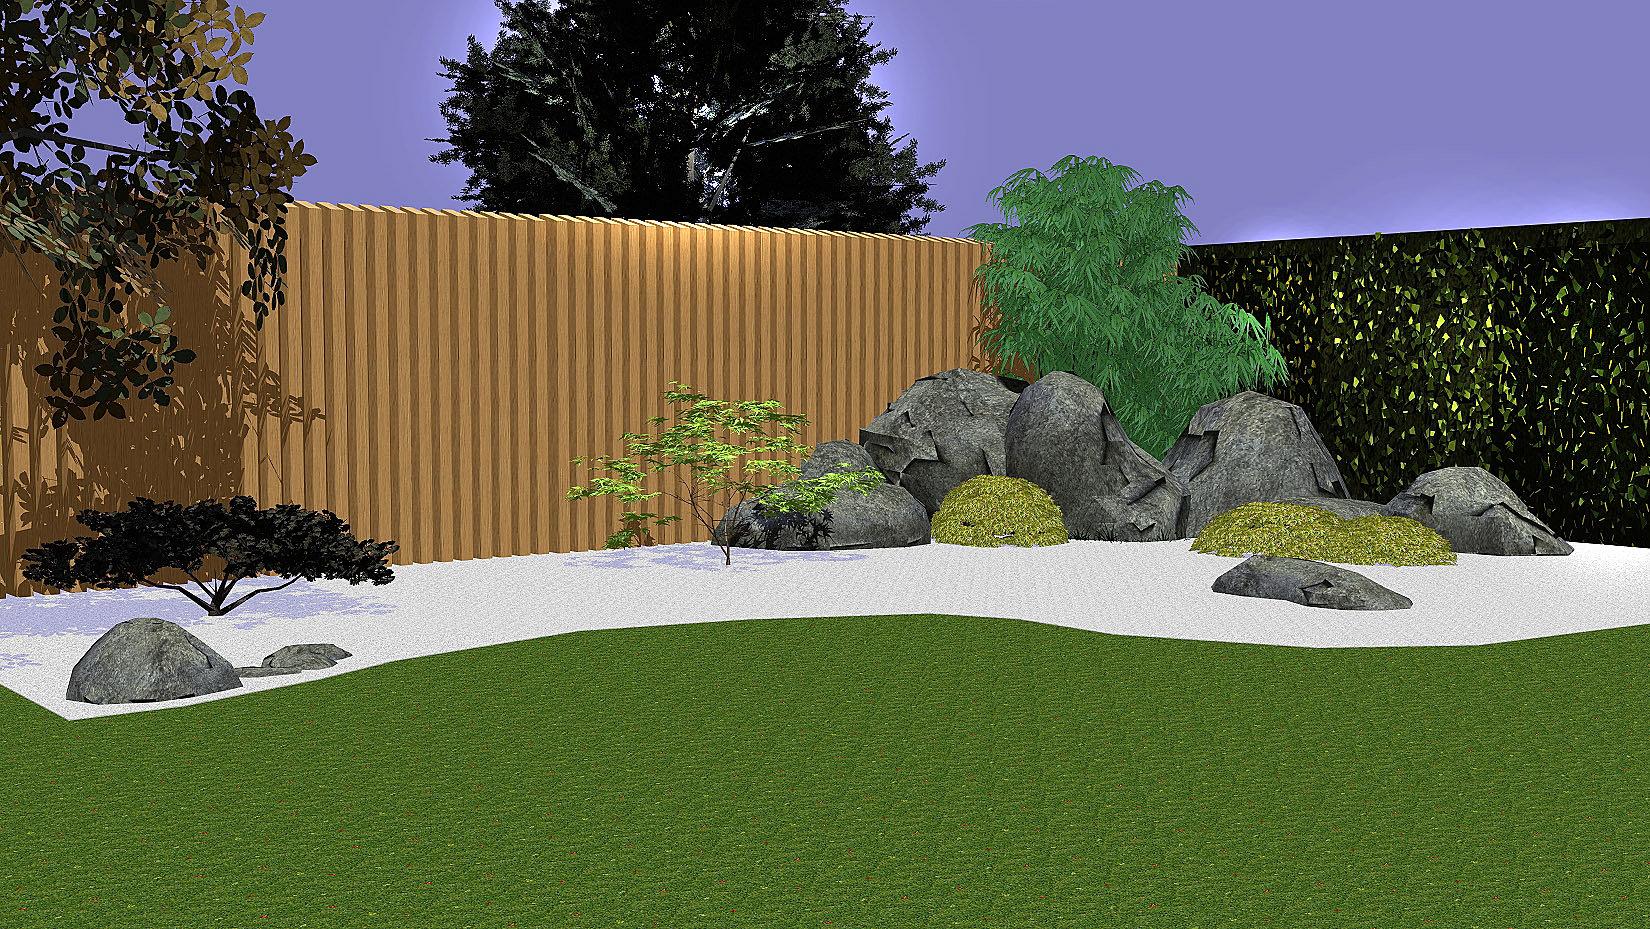 2a paysagiste castres jardin japonais for Paysagiste jardin japonais